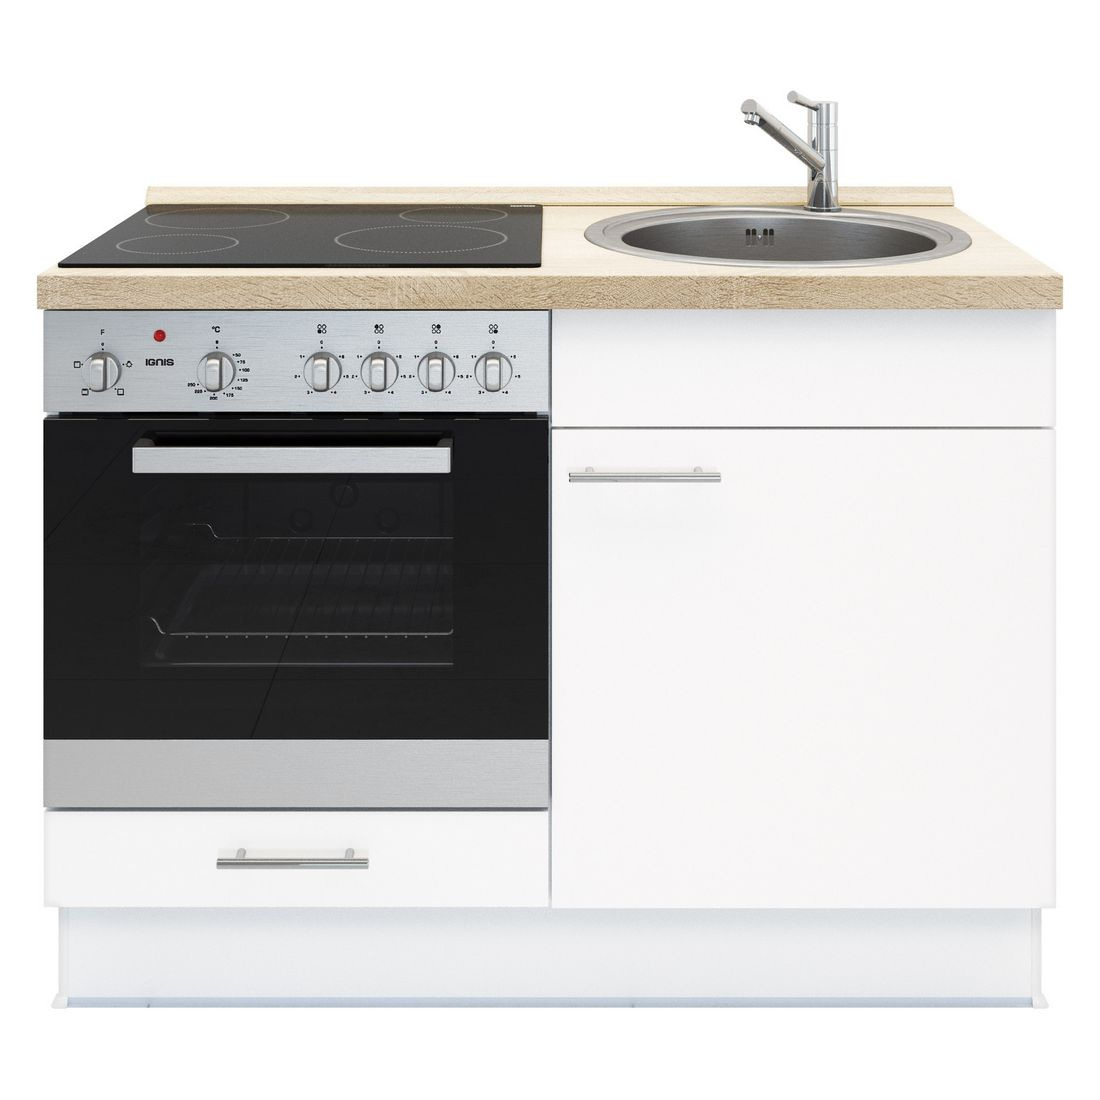 Kochschrank Basic – mit Edelstahlspüle – Glaskeramik Kochfeld und Backofen – Weiß – Ausrichtung Links, Kiveda günstig online kaufen